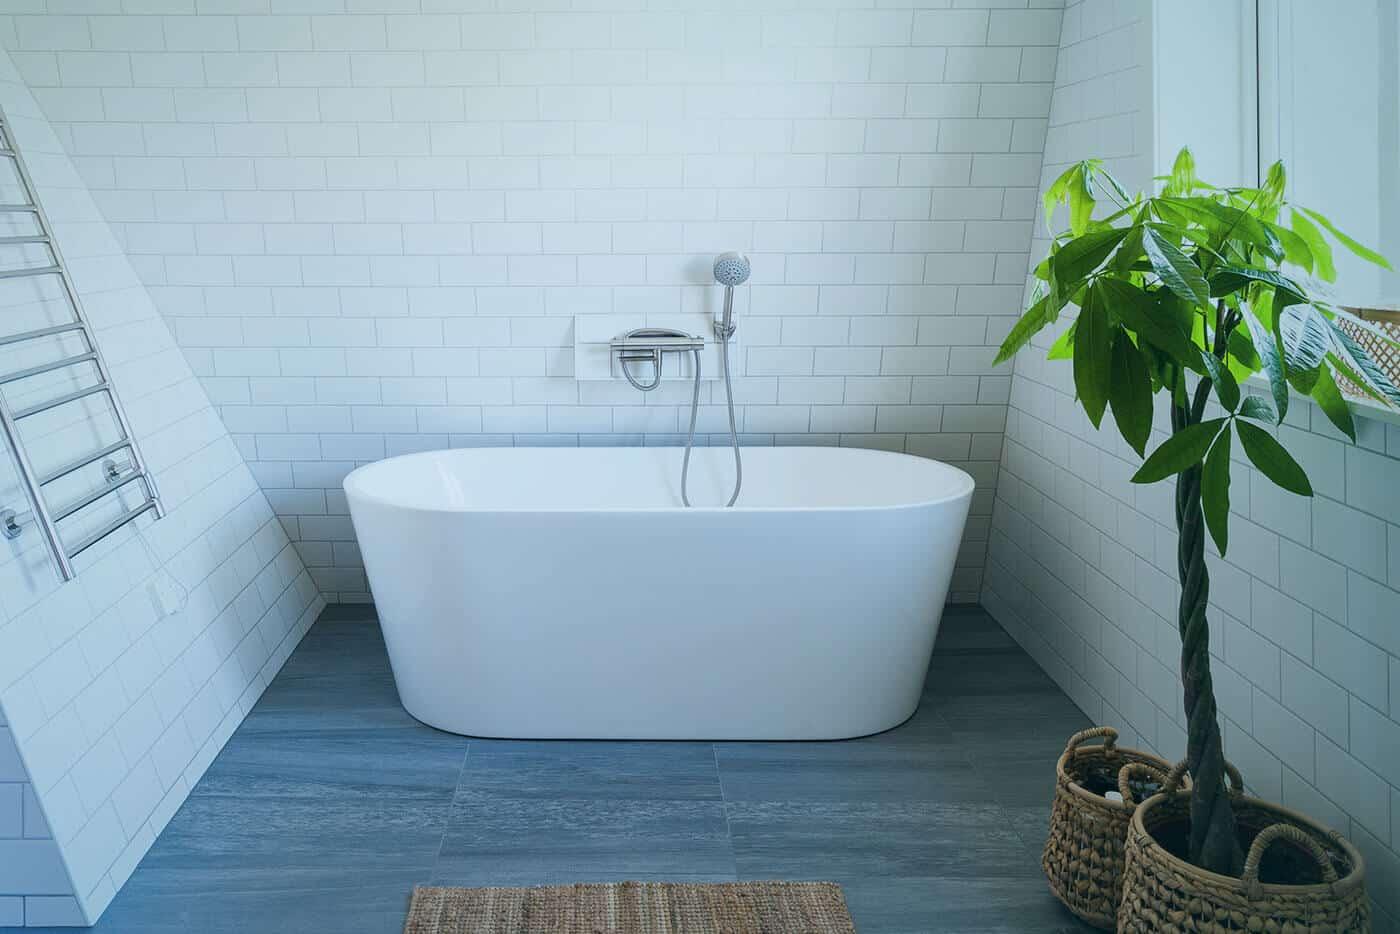 Bild på ett nyrenoverat badrum med ett badkar